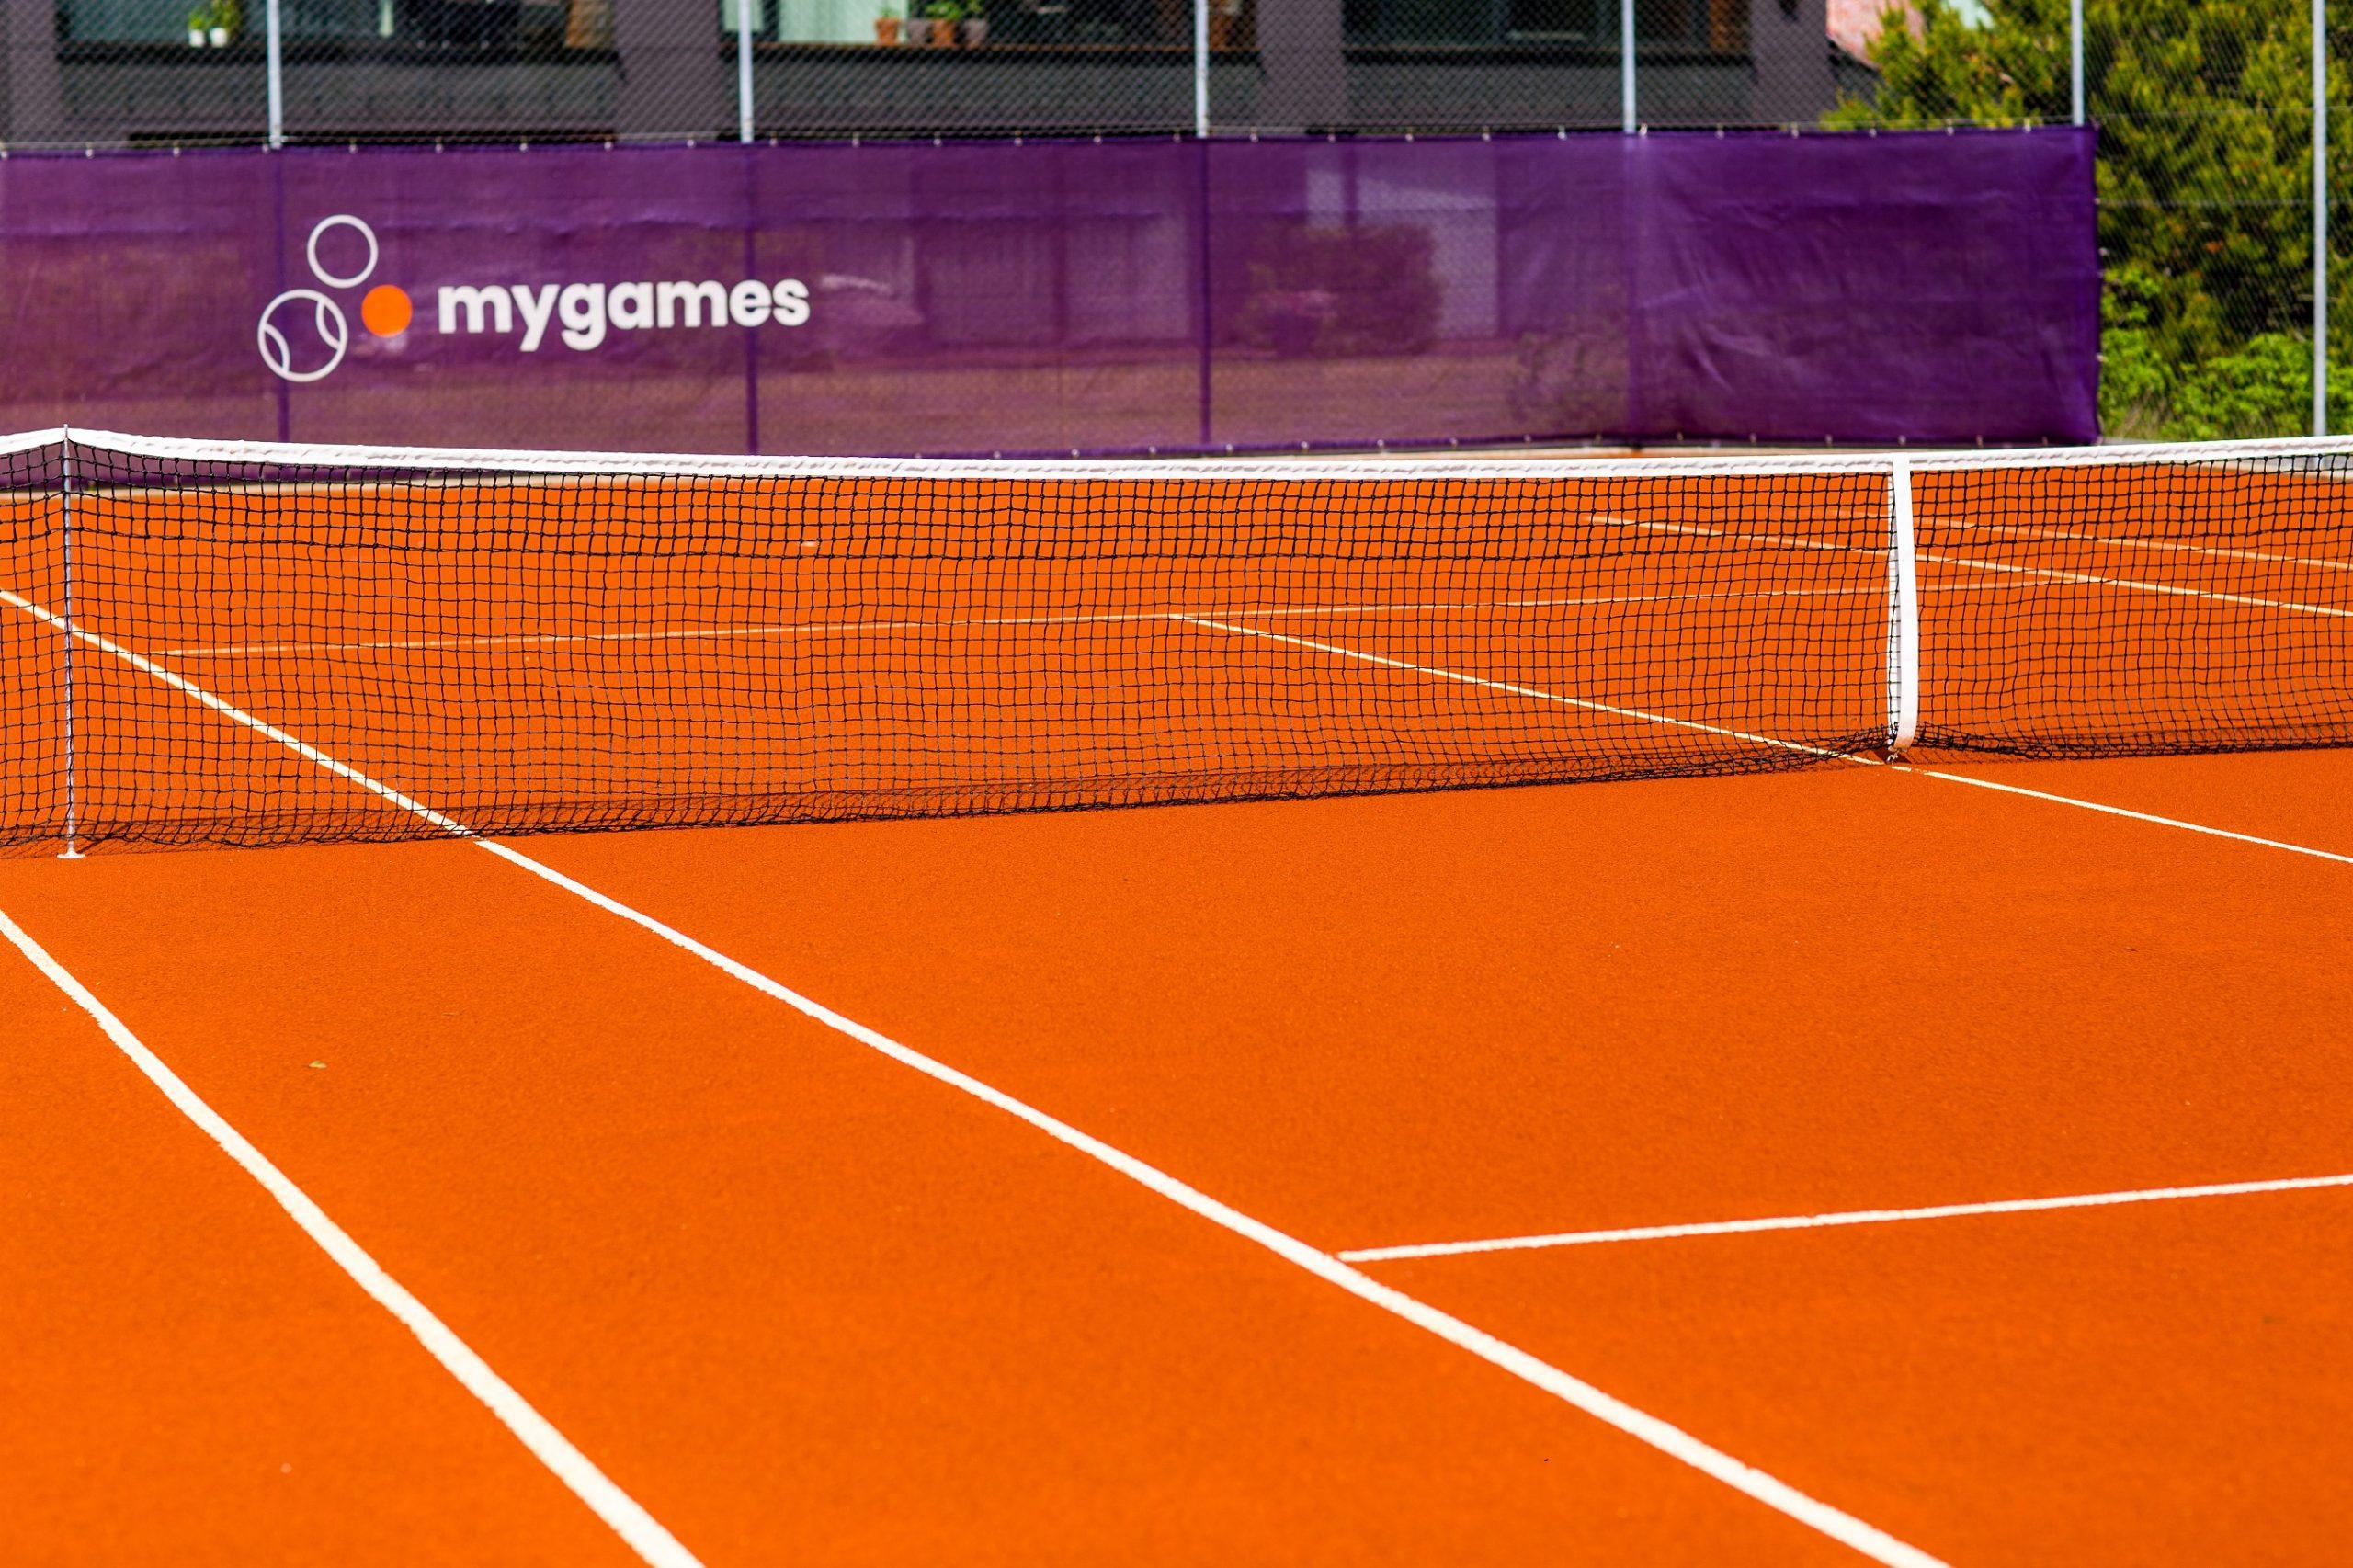 MyGames Court